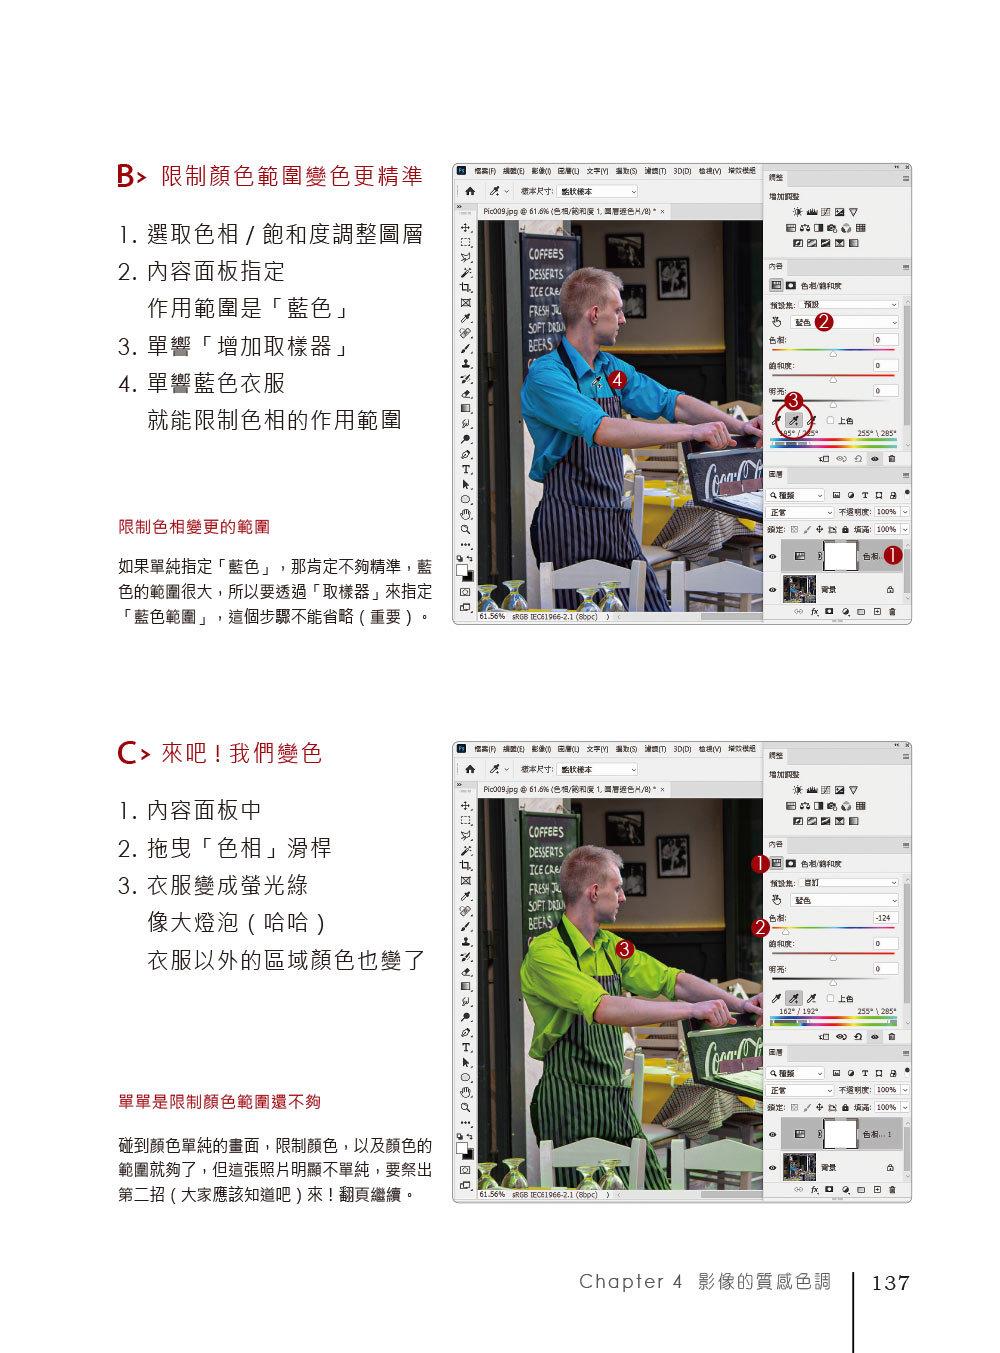 我想學設計!人氣精選 Photoshop 影像編修技:工具x調色x文字x合成x廣告設計(千萬網友點擊推薦狂推必學)-preview-8